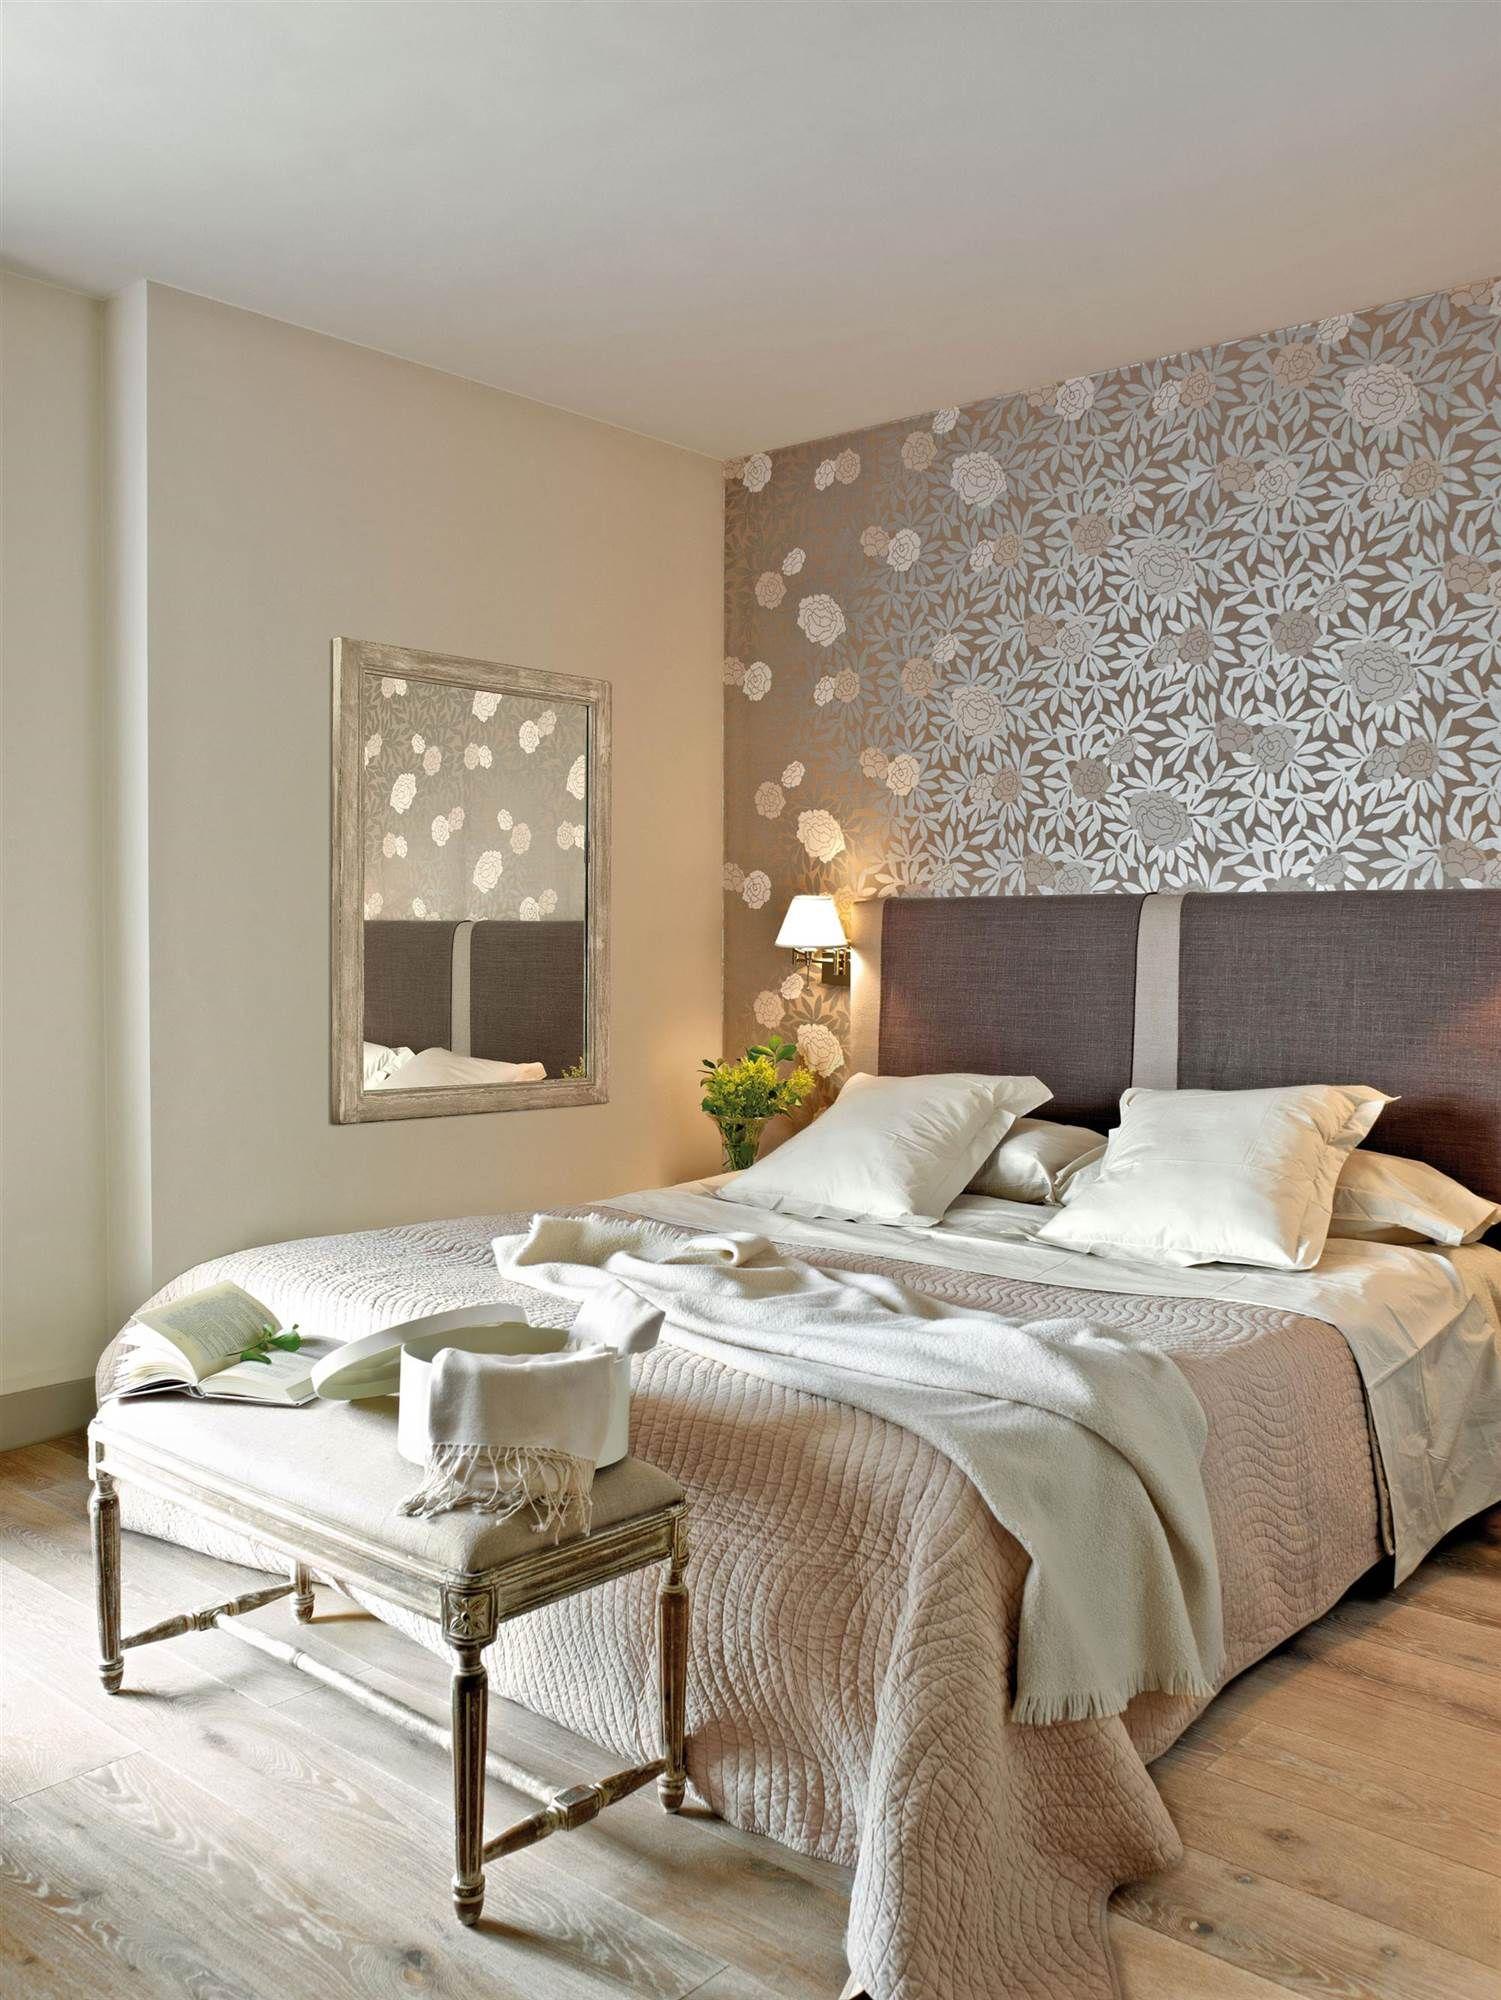 Dormitorio con pared del cabecero con papel pintado - Cabecero papel pintado ...